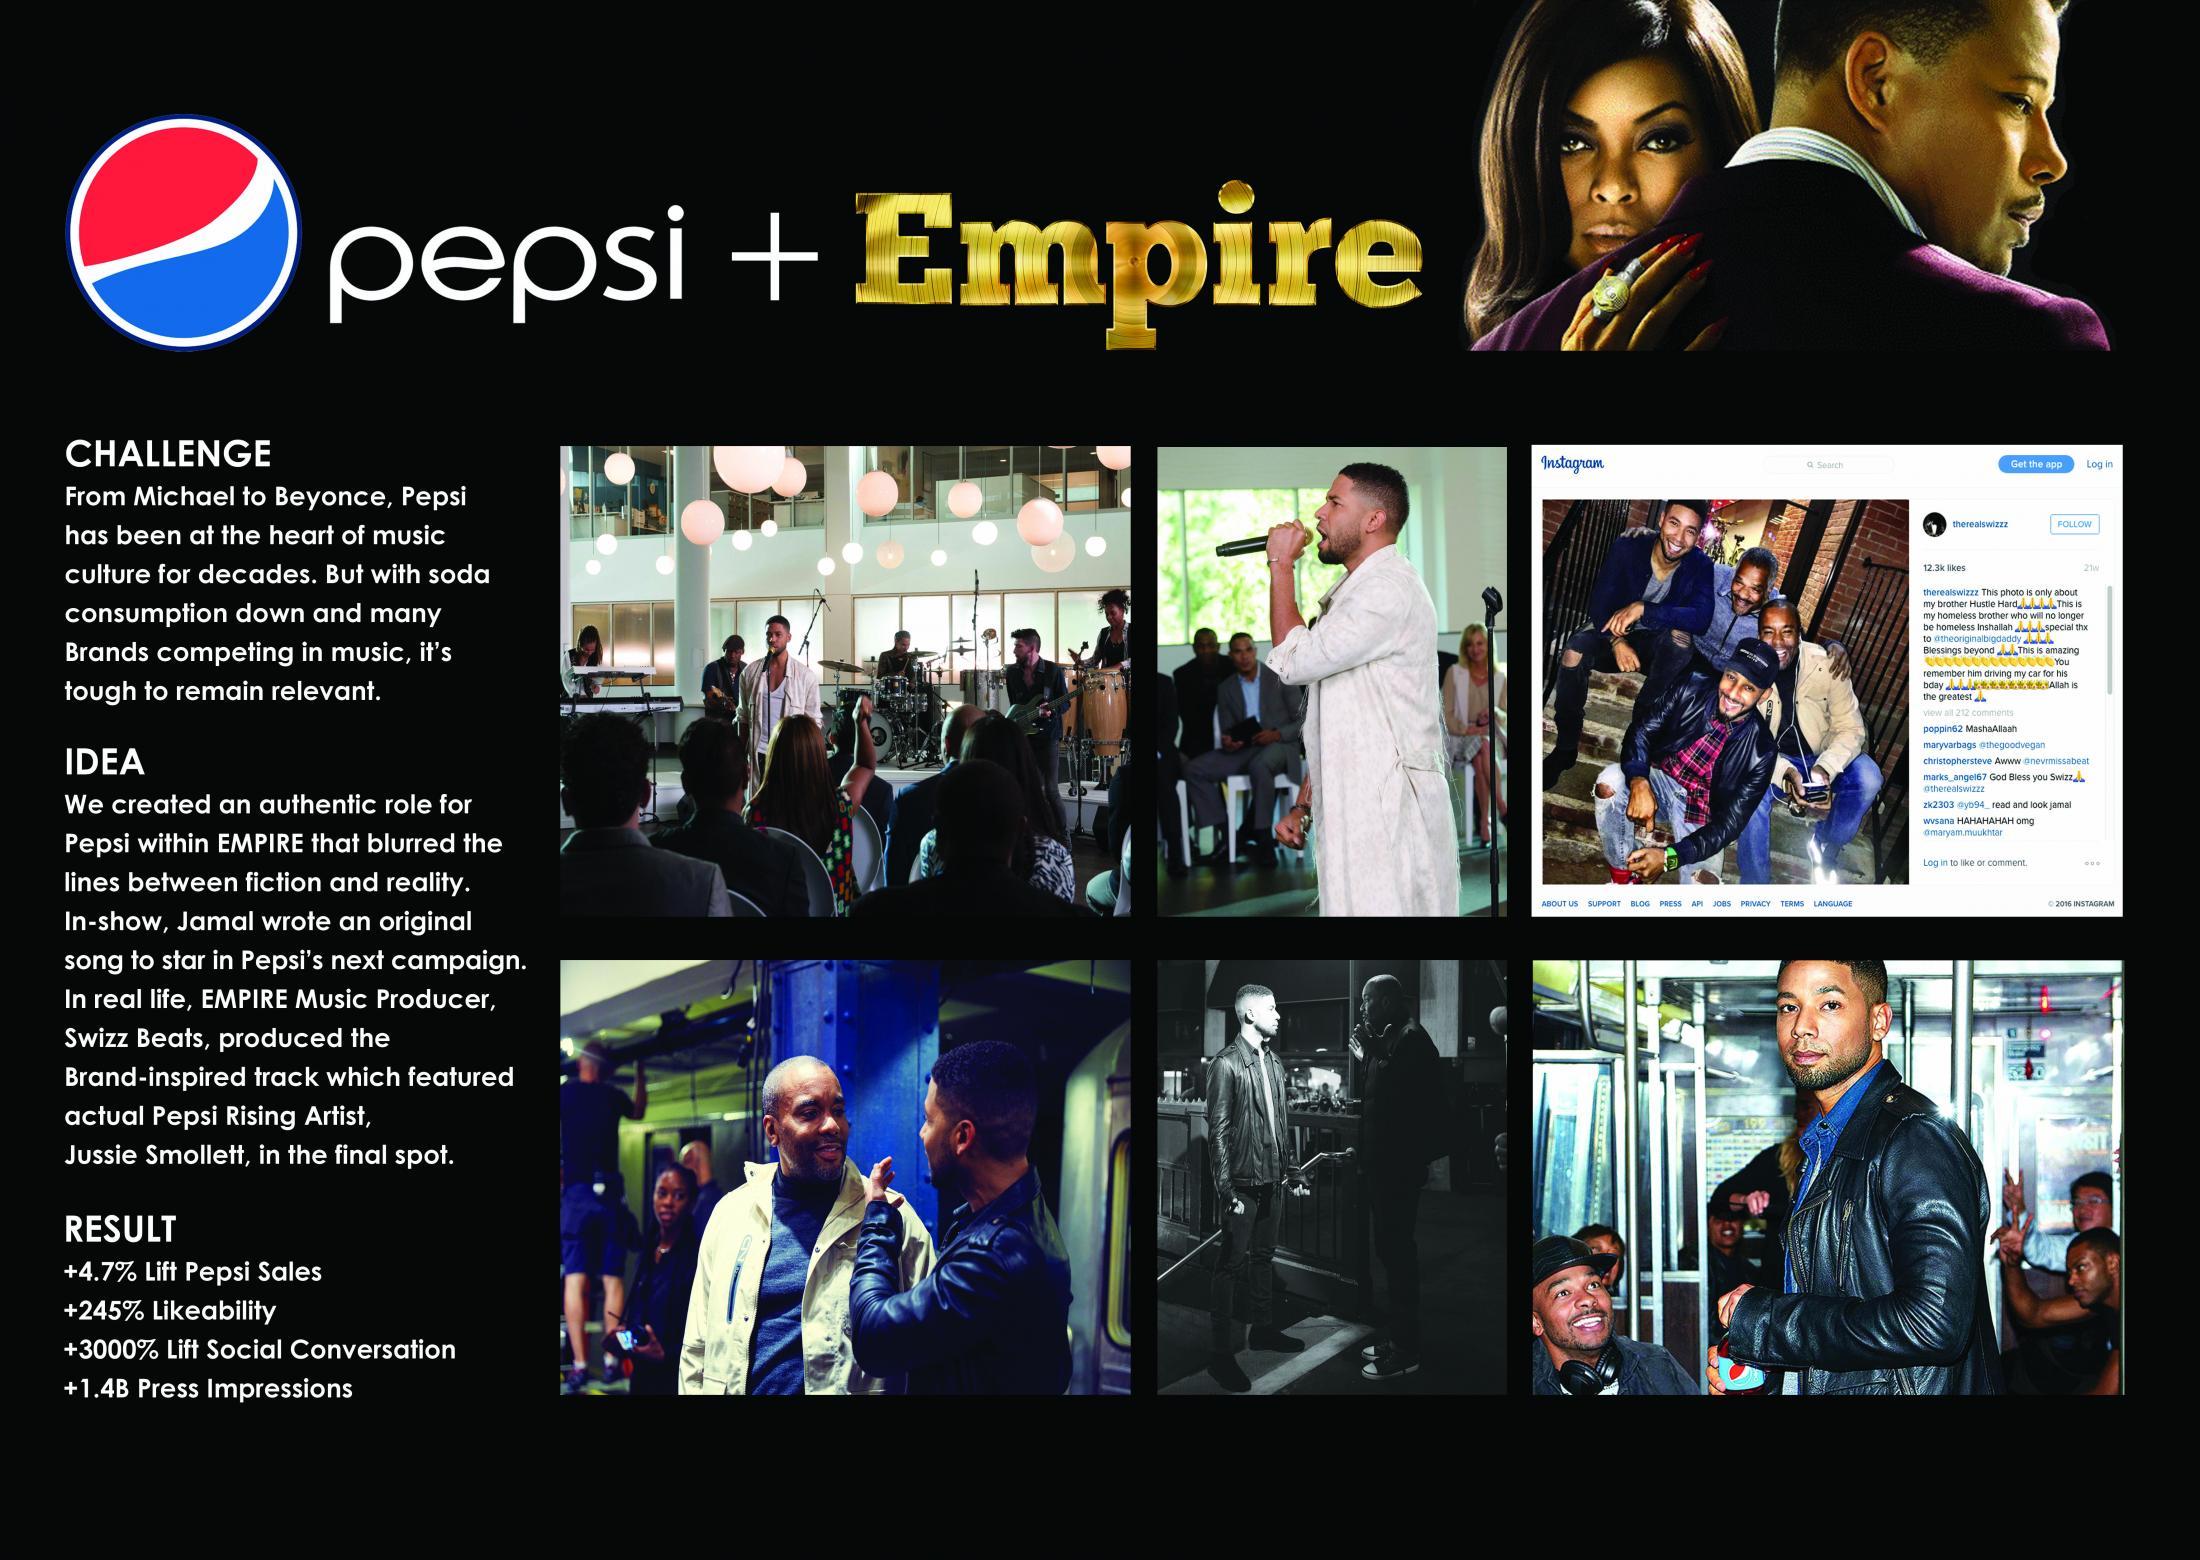 Thumbnail for Pepsi + EMPIRE Partnership